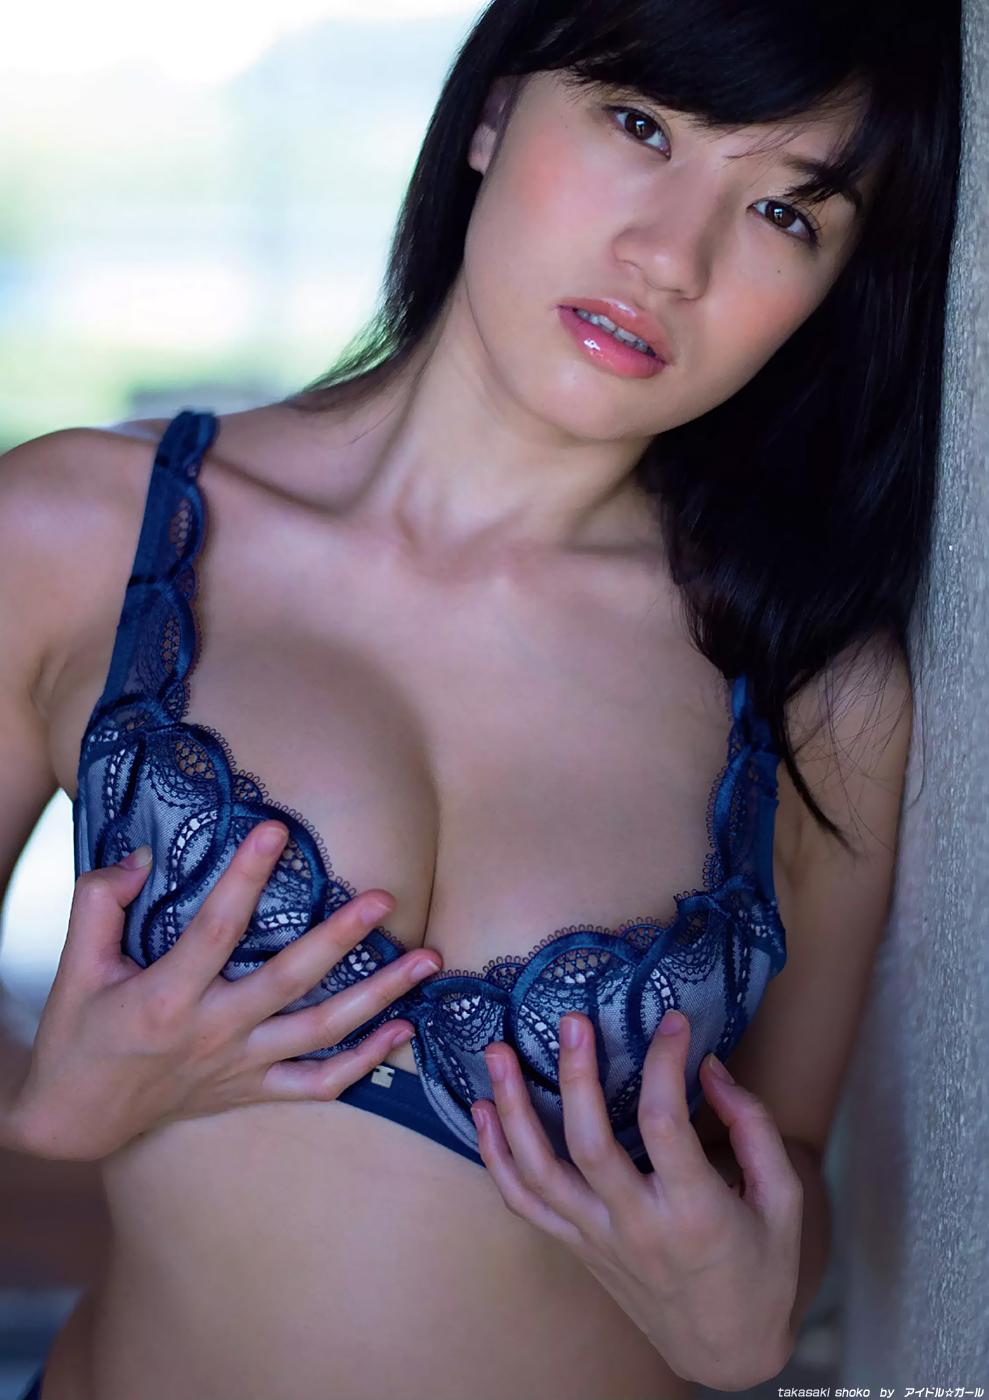 高崎聖子の画像